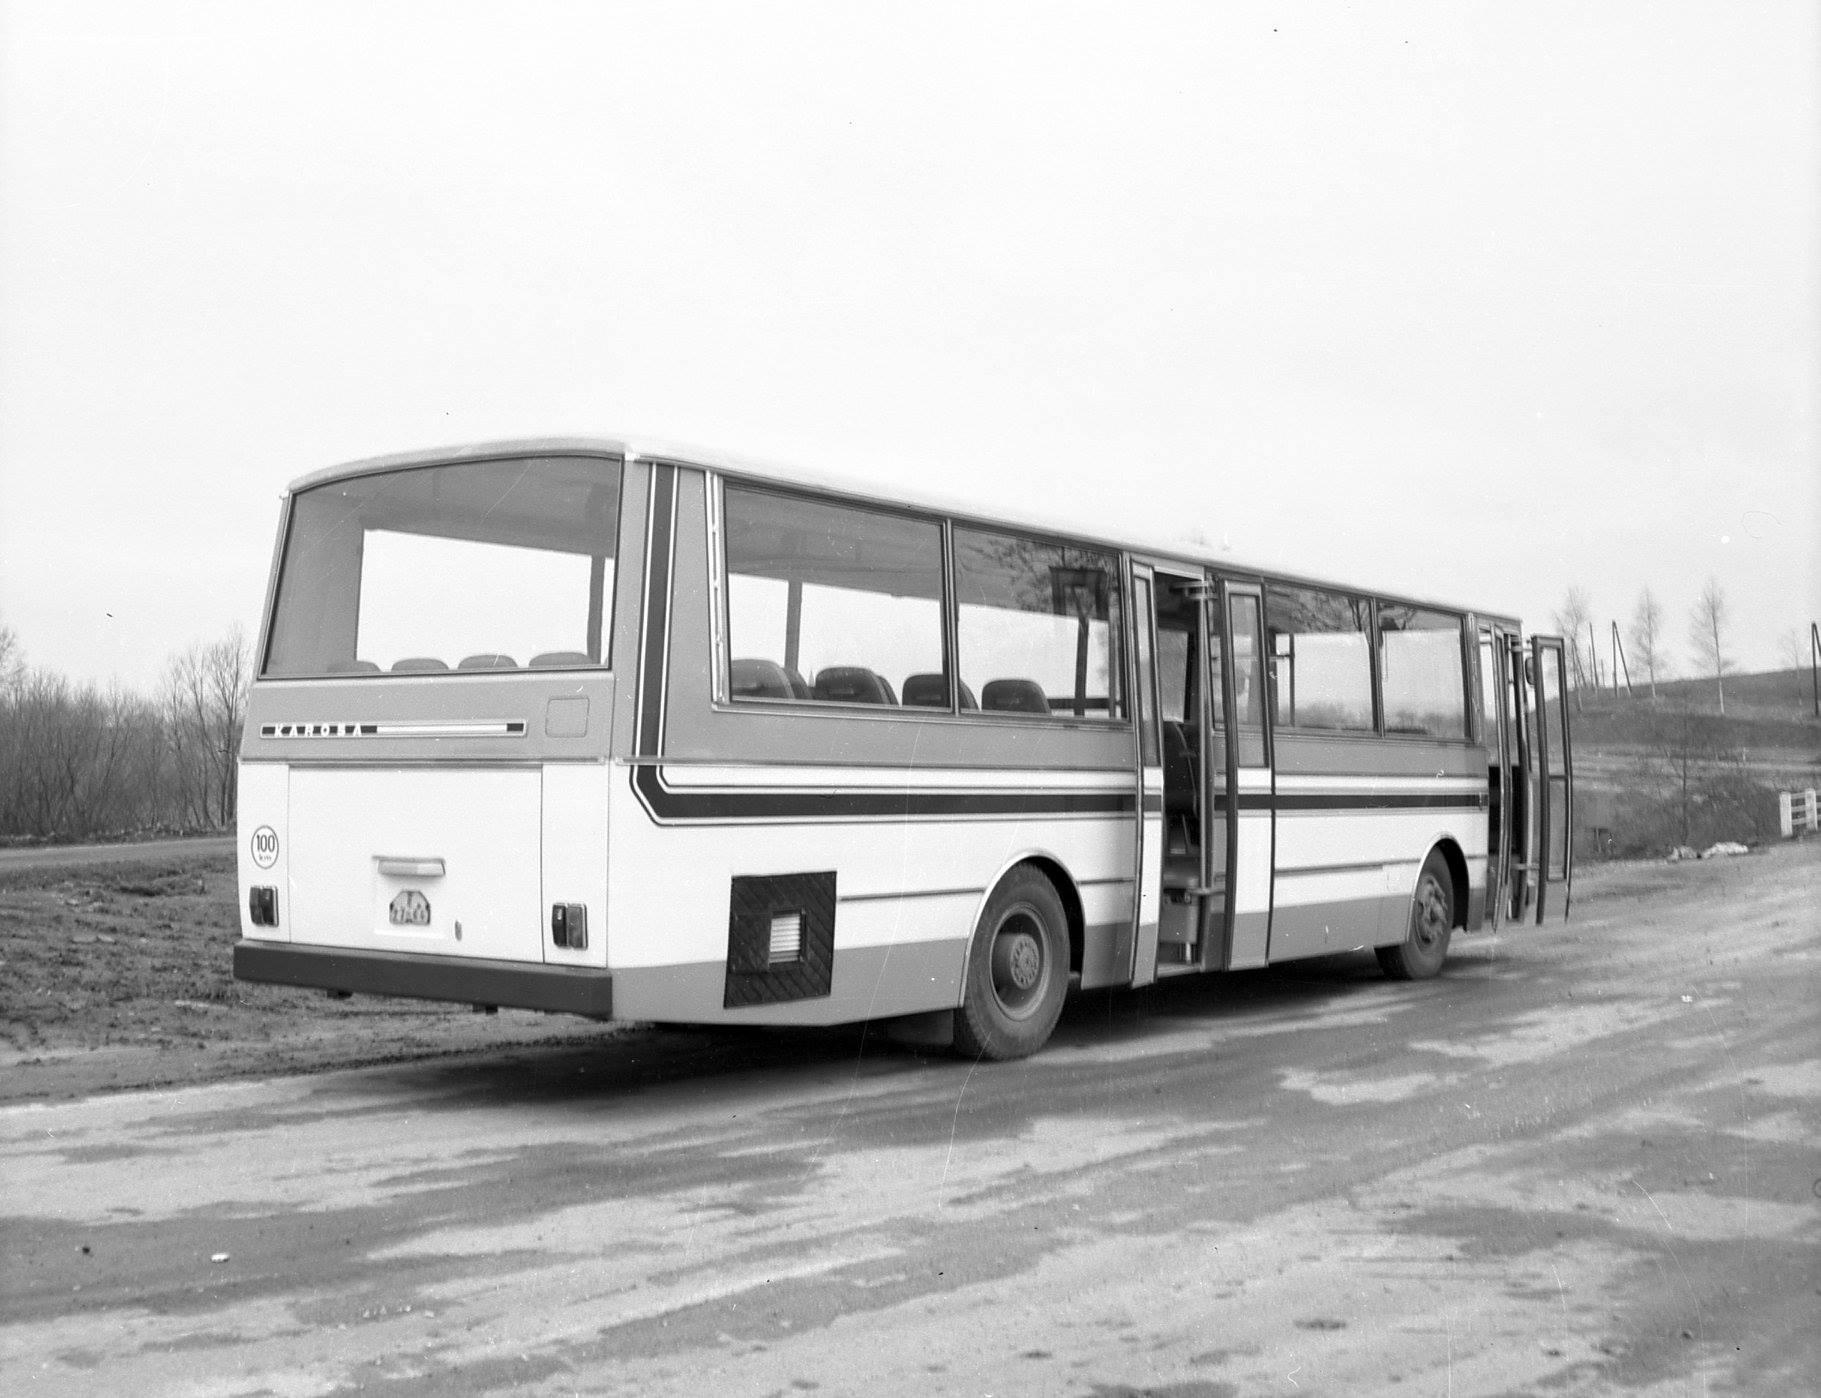 Het-nieuws-in-deze-bus-was-het-gebruik-van-een-open-klap--deur